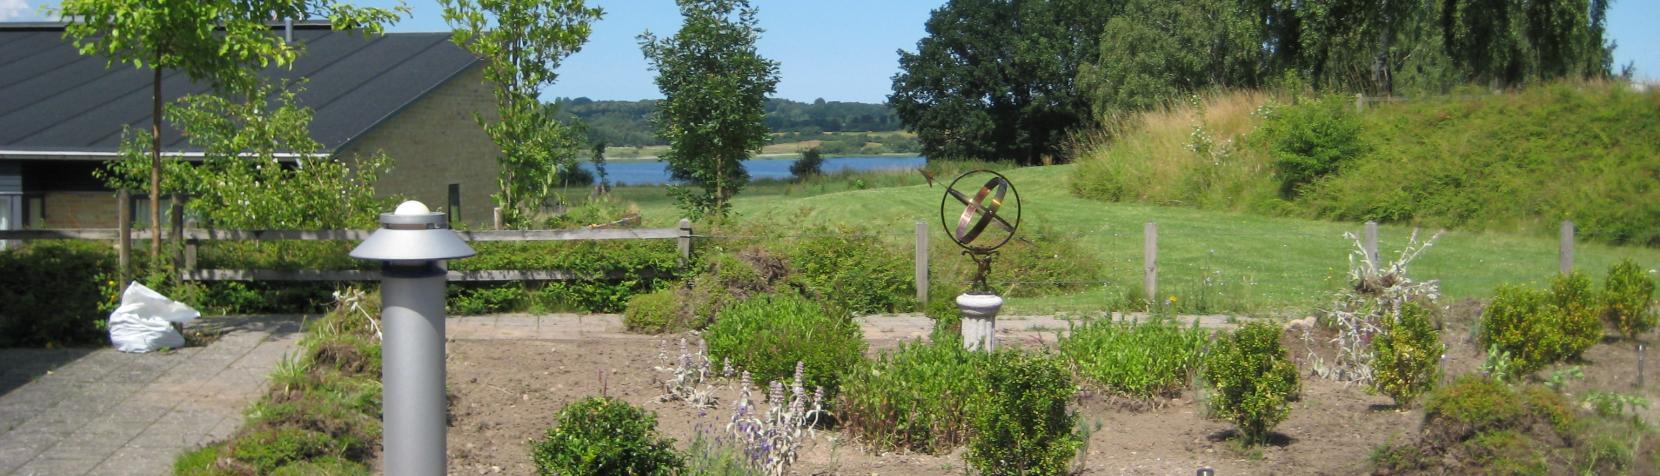 Billedet viser udsigten fra Hus A med søen i baggrunden